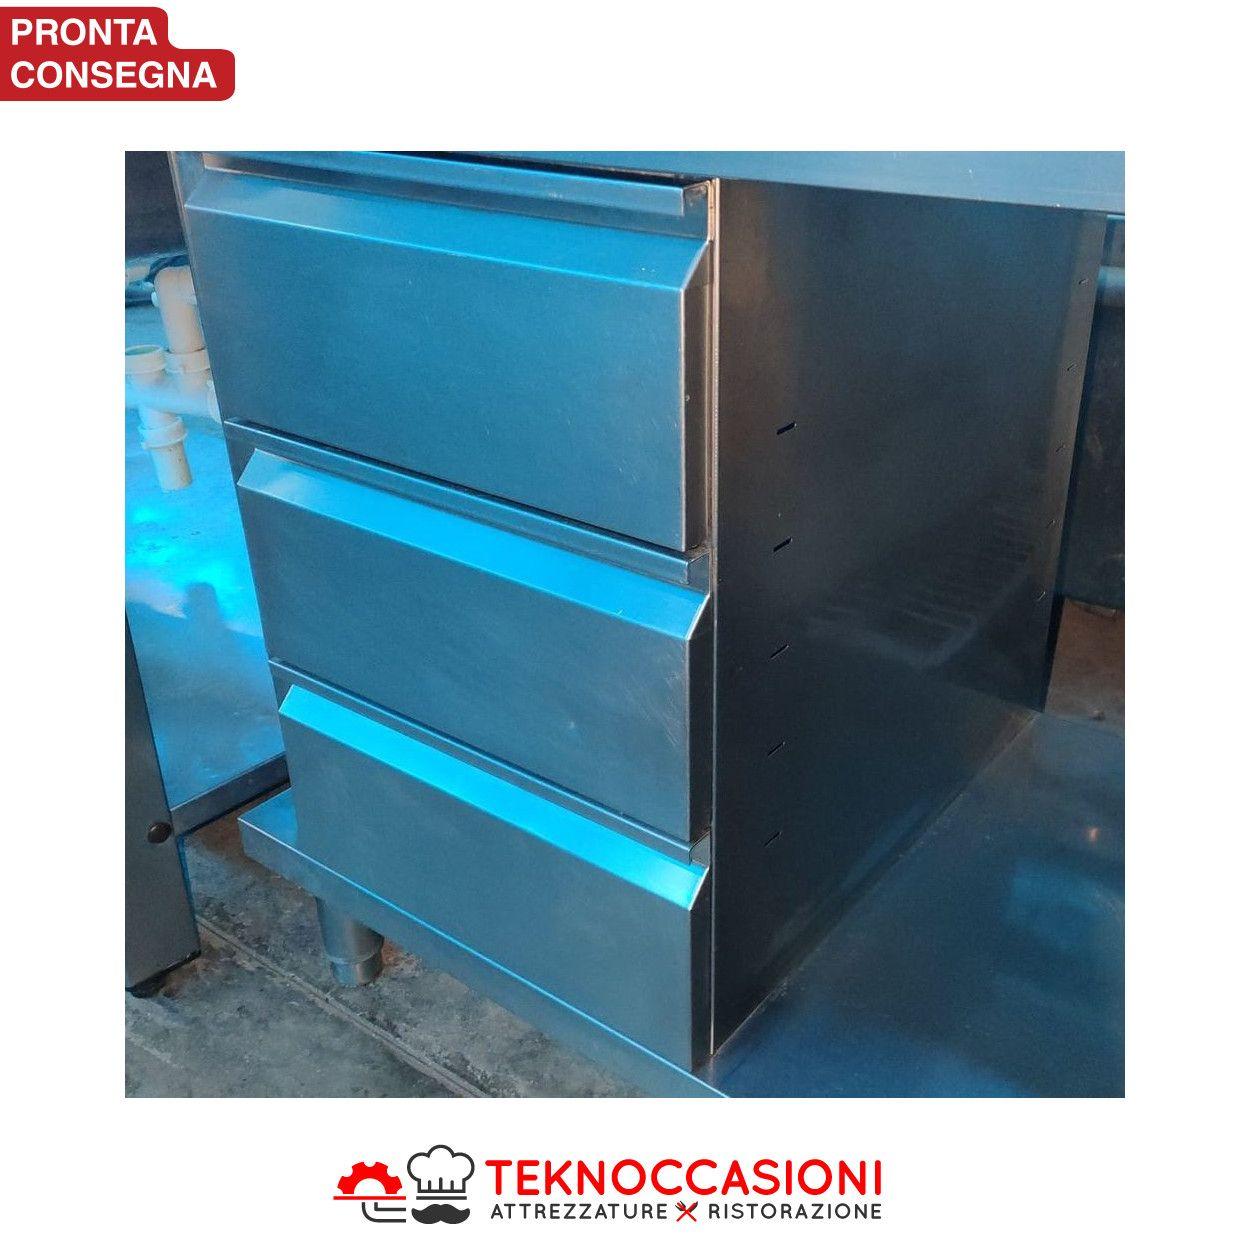 Tavolo in acciaio inox con cassettiera da 120x60